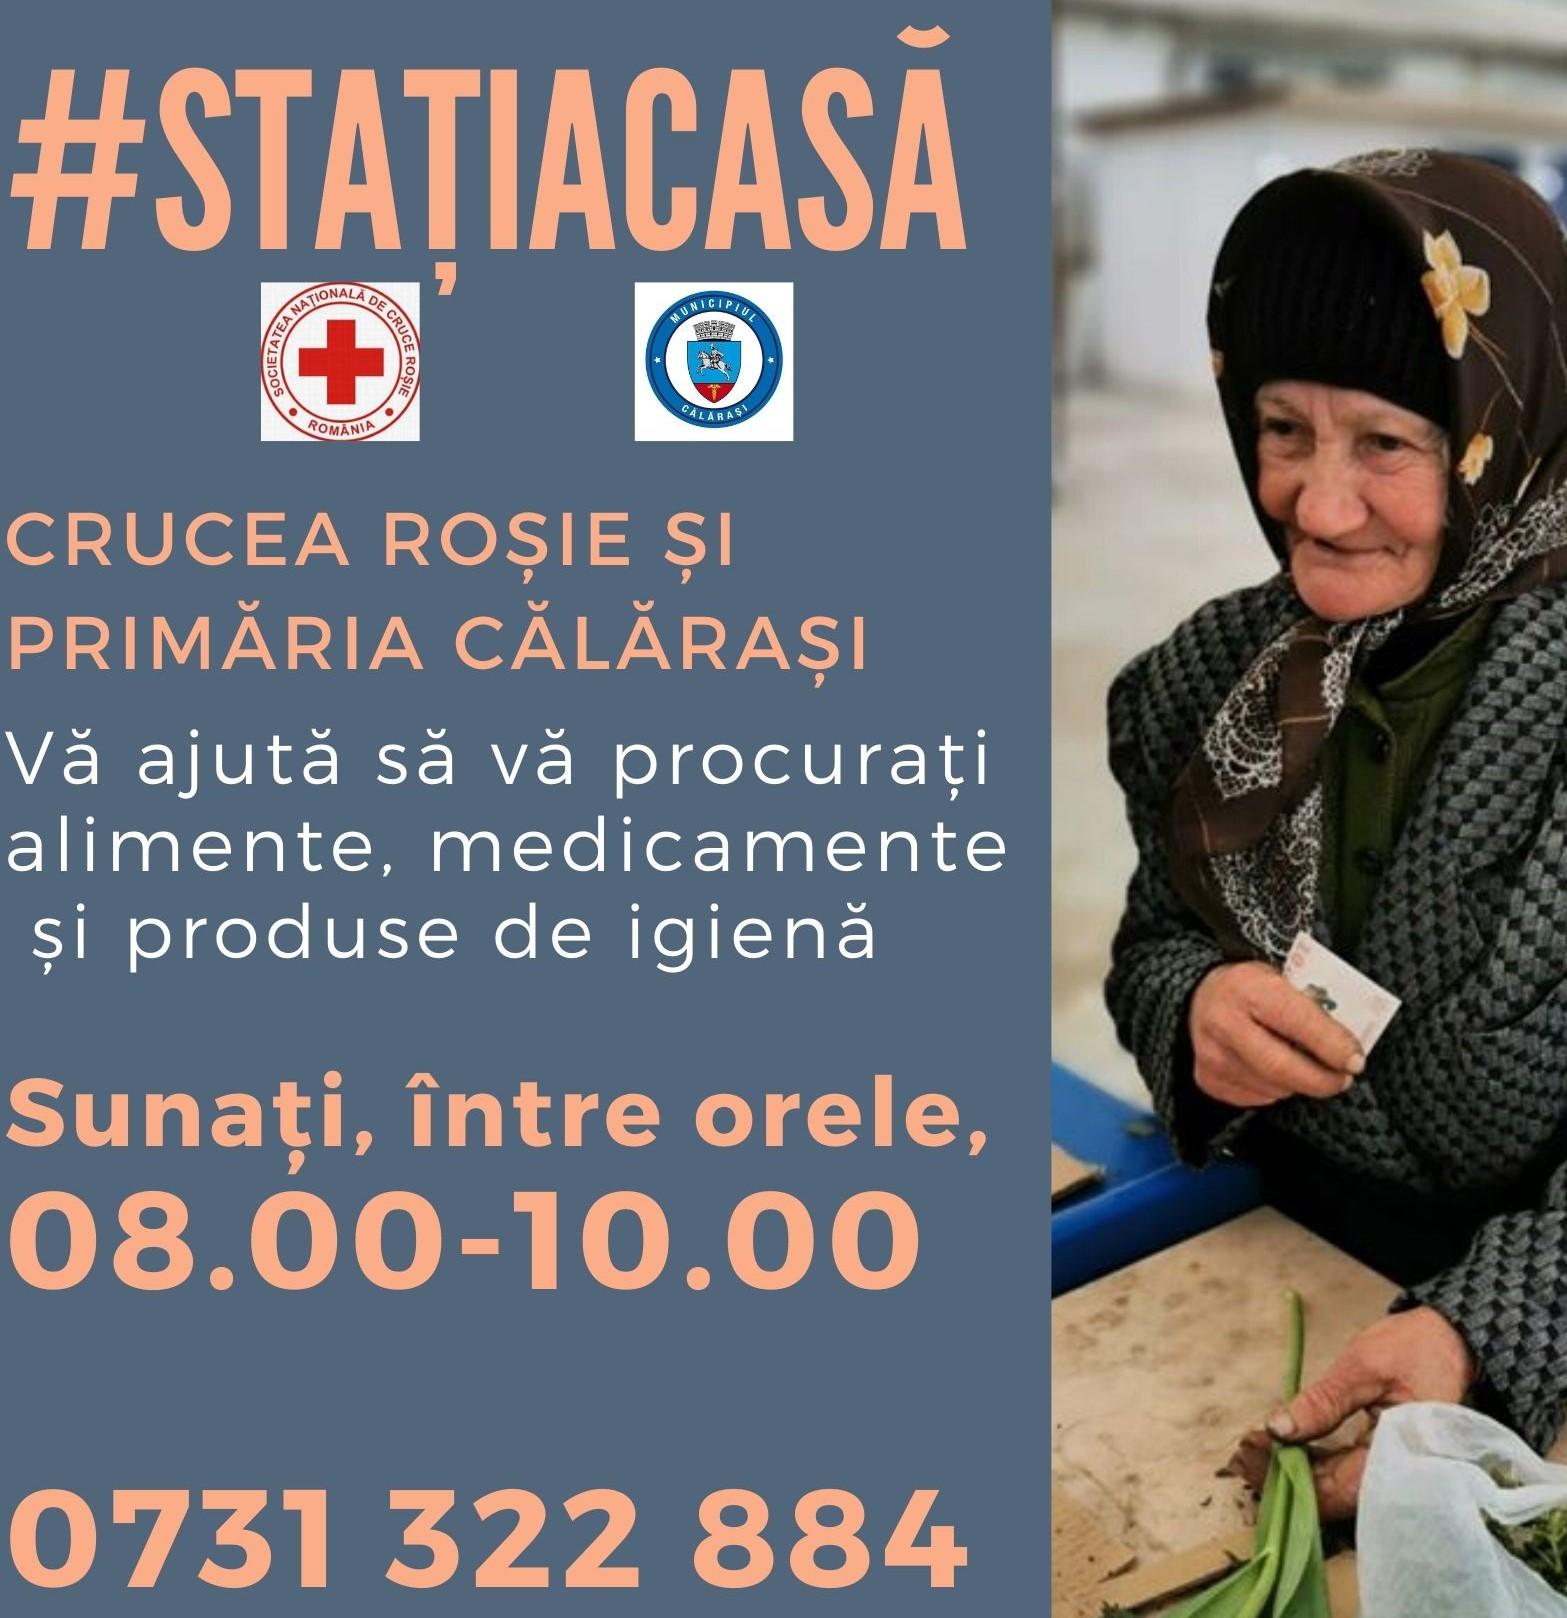 Crucea Roșie Română-filiala Călărași îi ajută cu voluntari